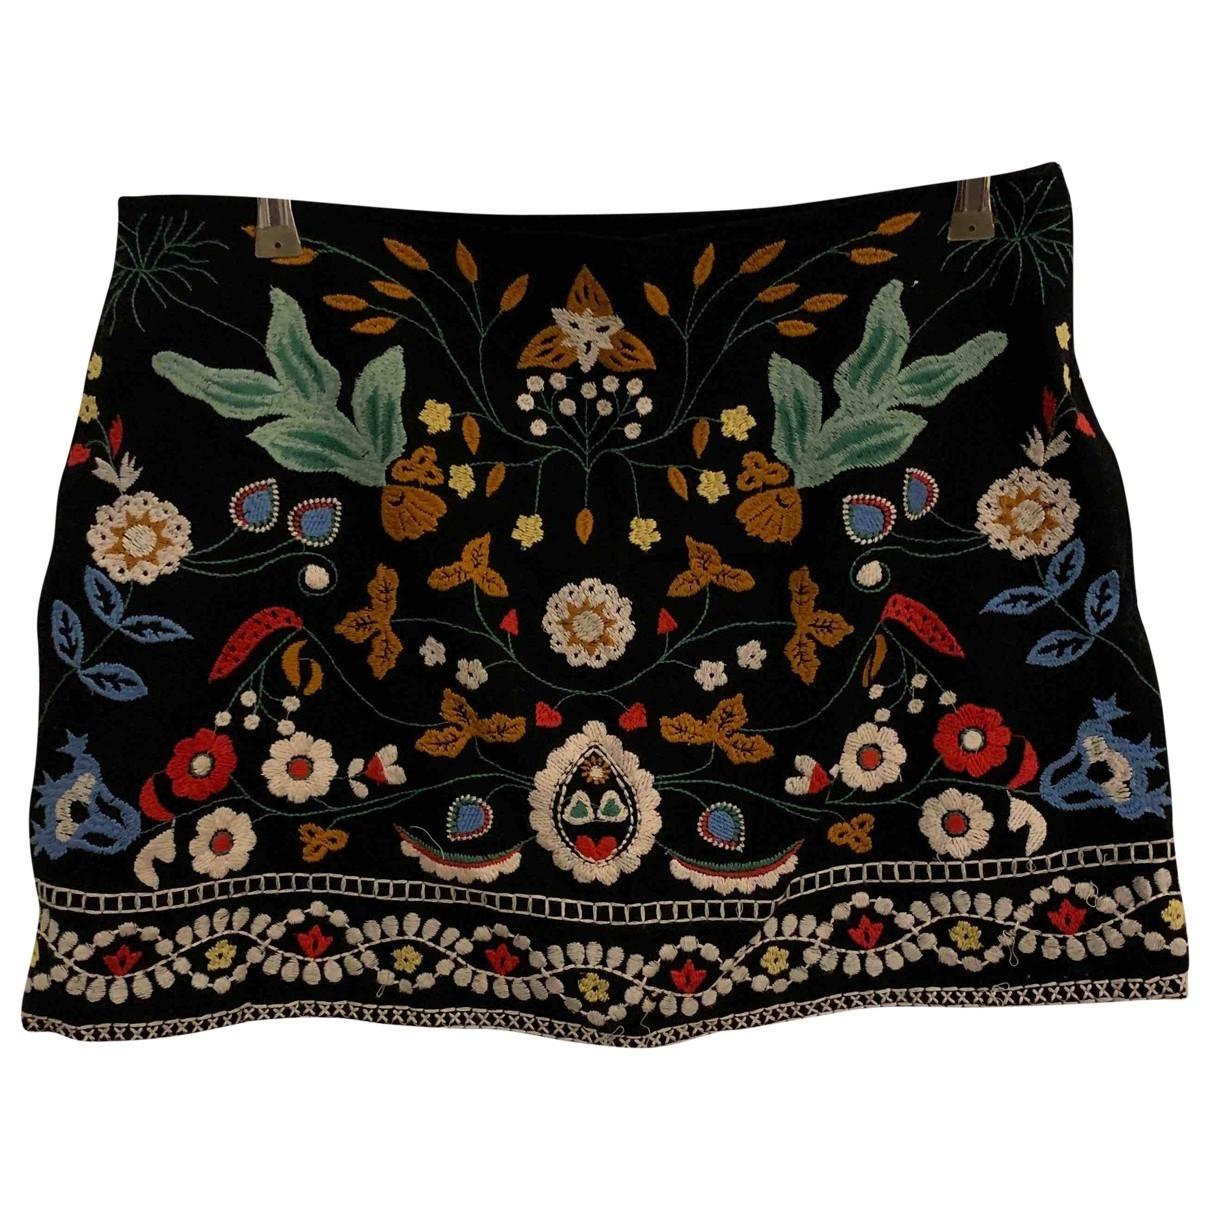 Zara \N Multicolour Cotton skirt for Women M International